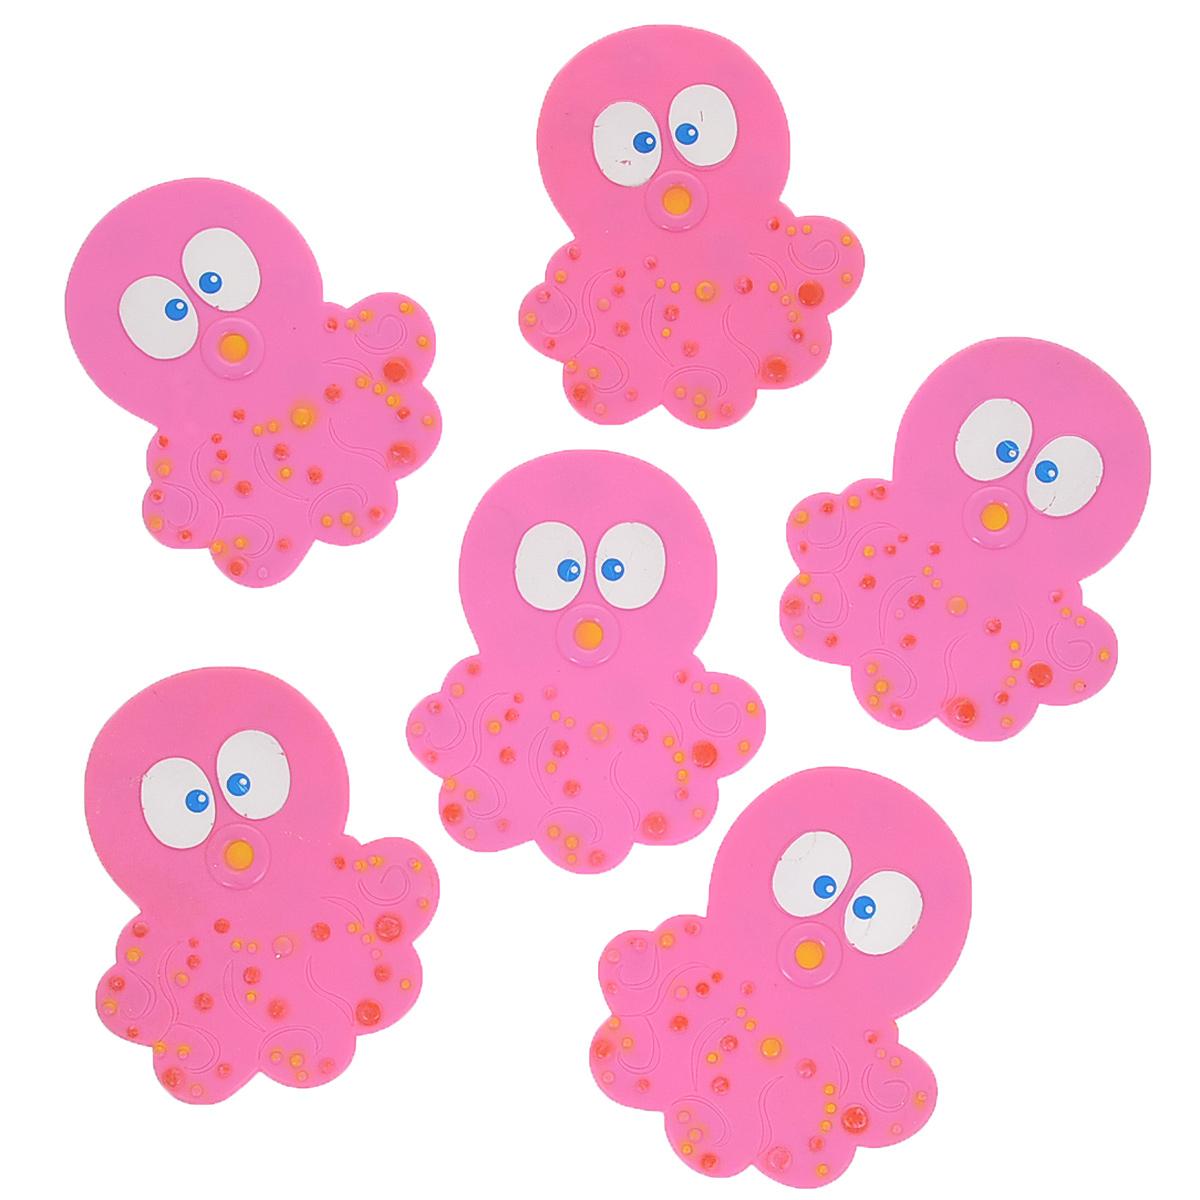 Набор мини-ковриков для ванной Dom Company Осьминог, цвет: розовый, 6 шт.RG-D31SНабор Dom Company Осьминог состоит из шести мини-ковриков для ванной, изготовленных из 100% полимерных материалов в форме забавных осьминогов. Коврики оснащены присосками, предотвращающими скольжение. Их можно крепить на дно ванны или использовать как декор для плитки. Коврики легко чистить.